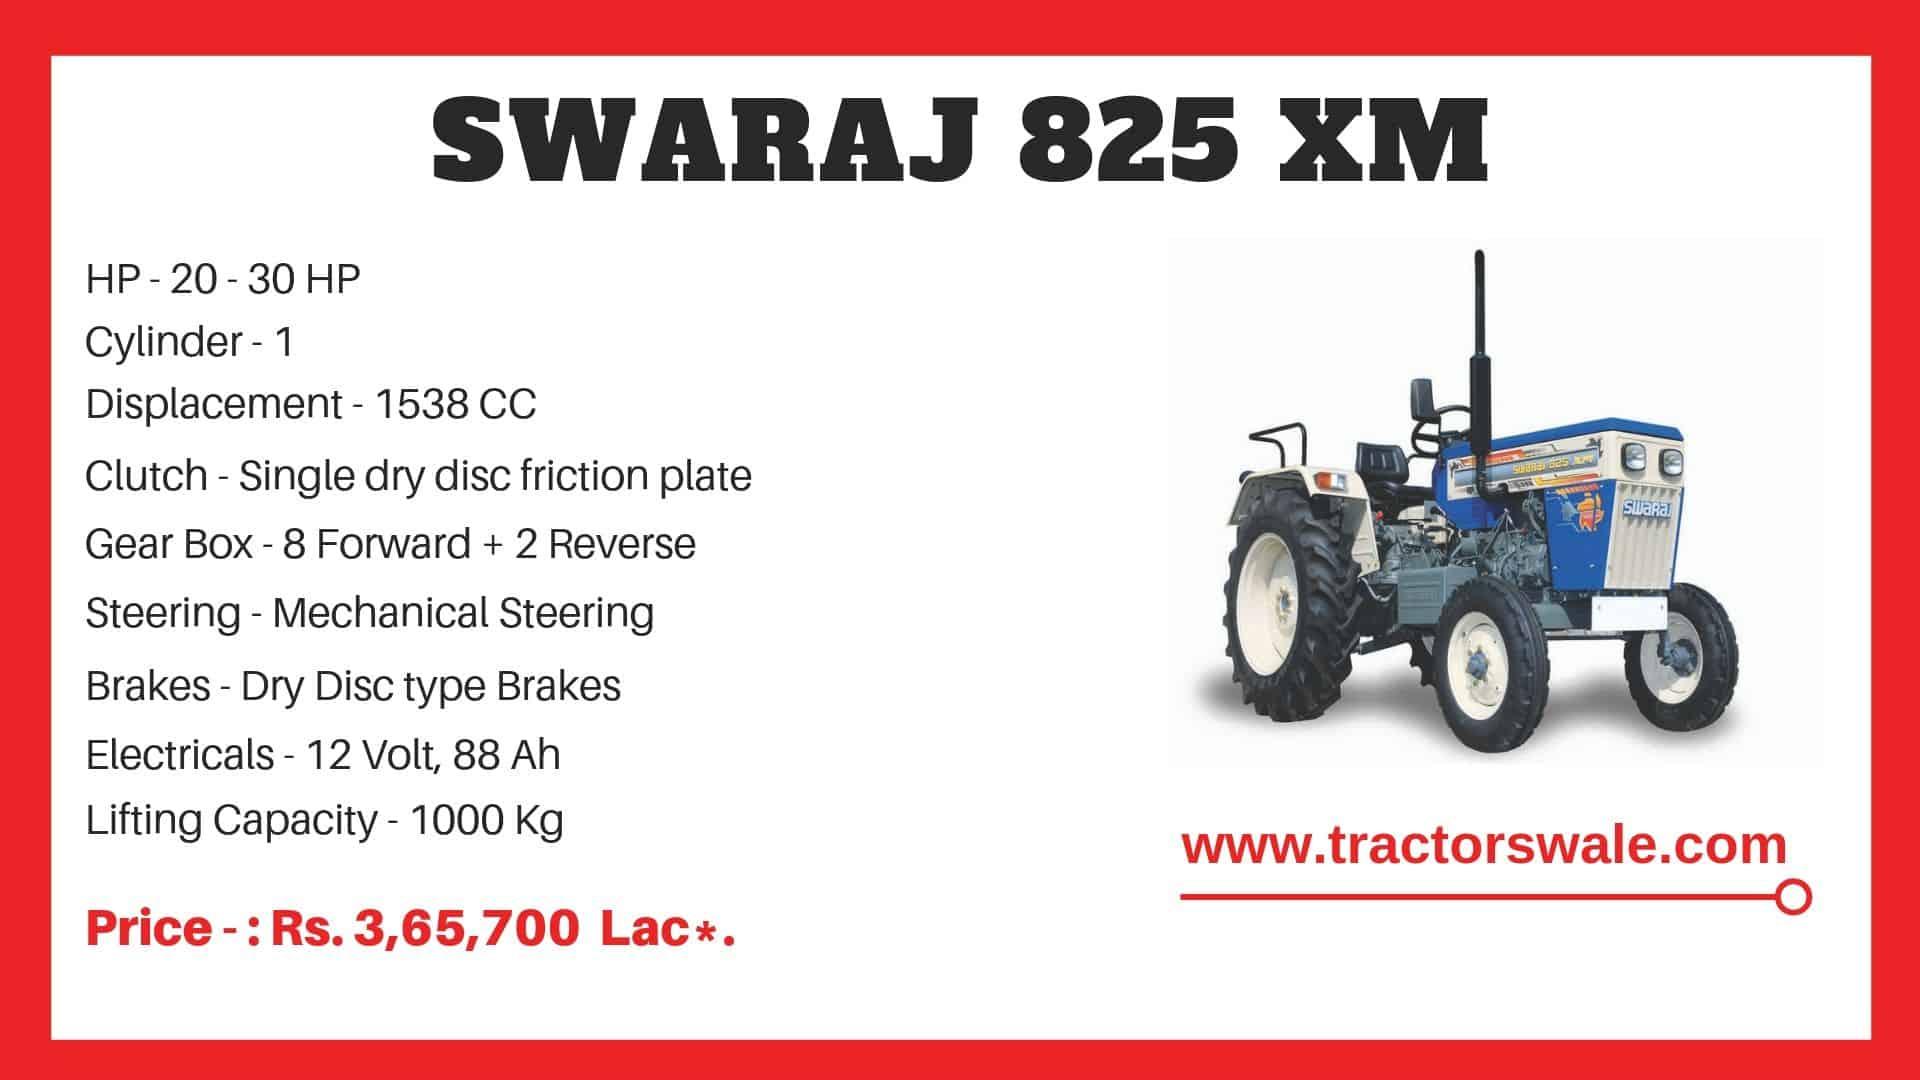 Specification of Swaraj 825 XM Tractor